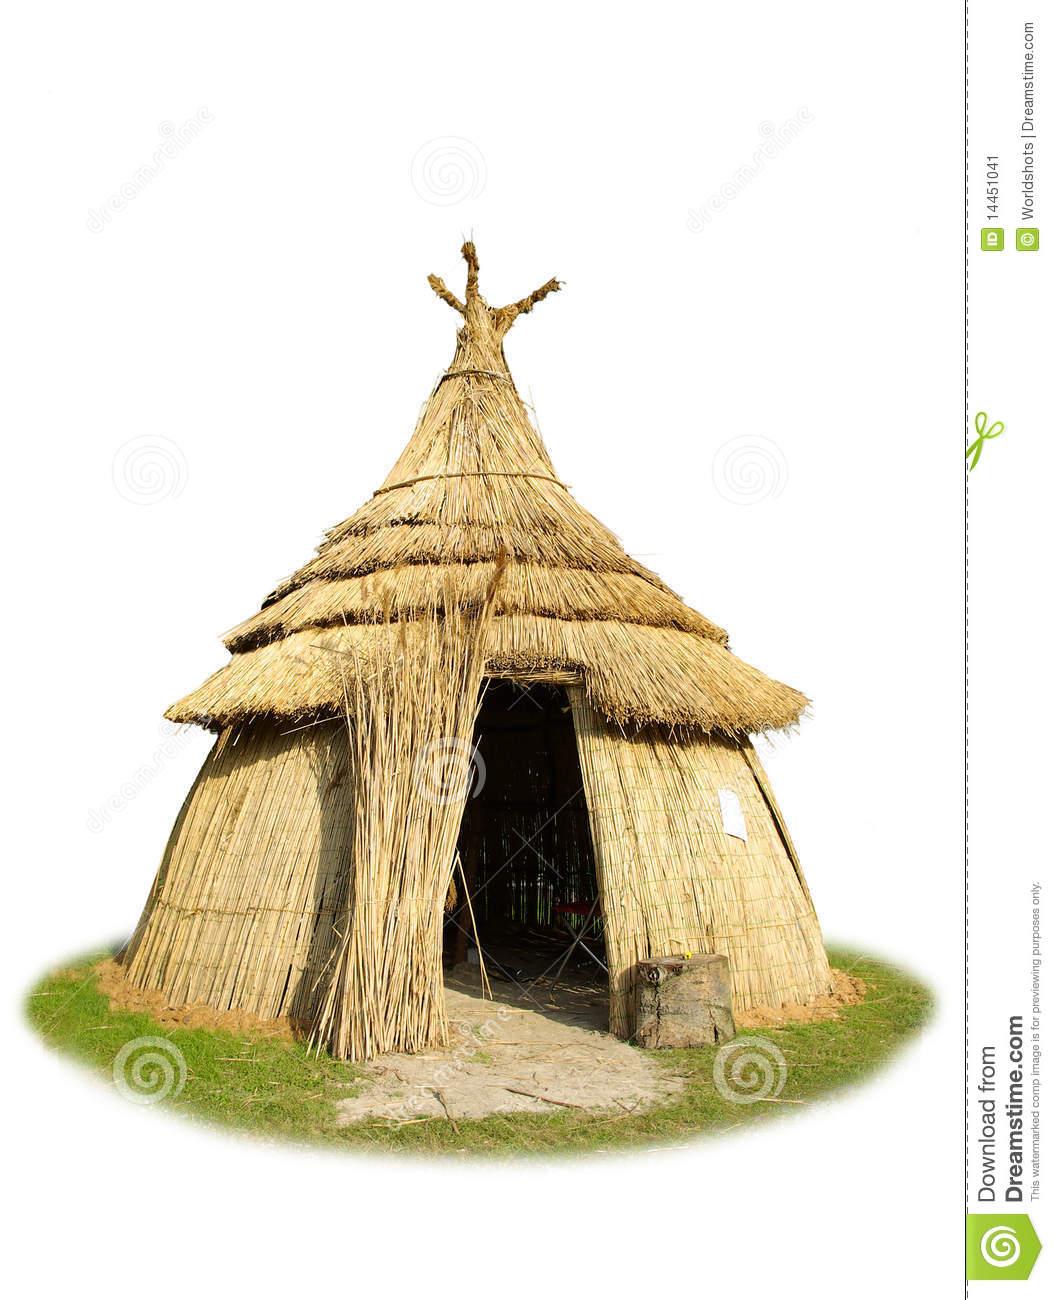 African Hut Clipart.